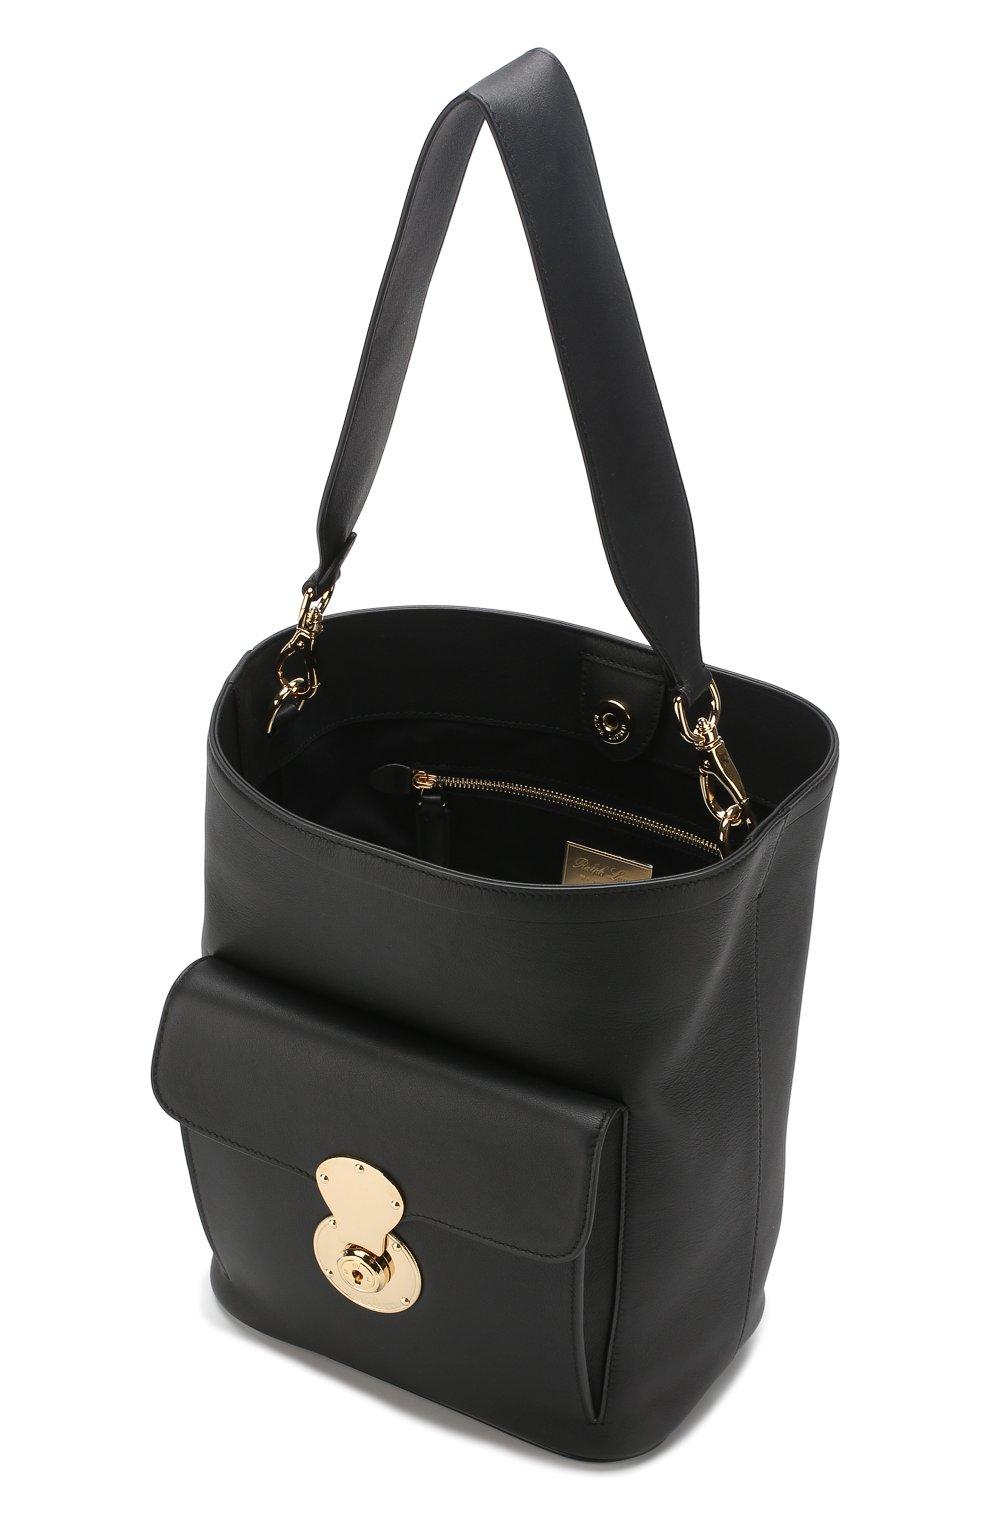 Сумка Ricky Bucket Ralph Lauren черная цвета | Фото №4